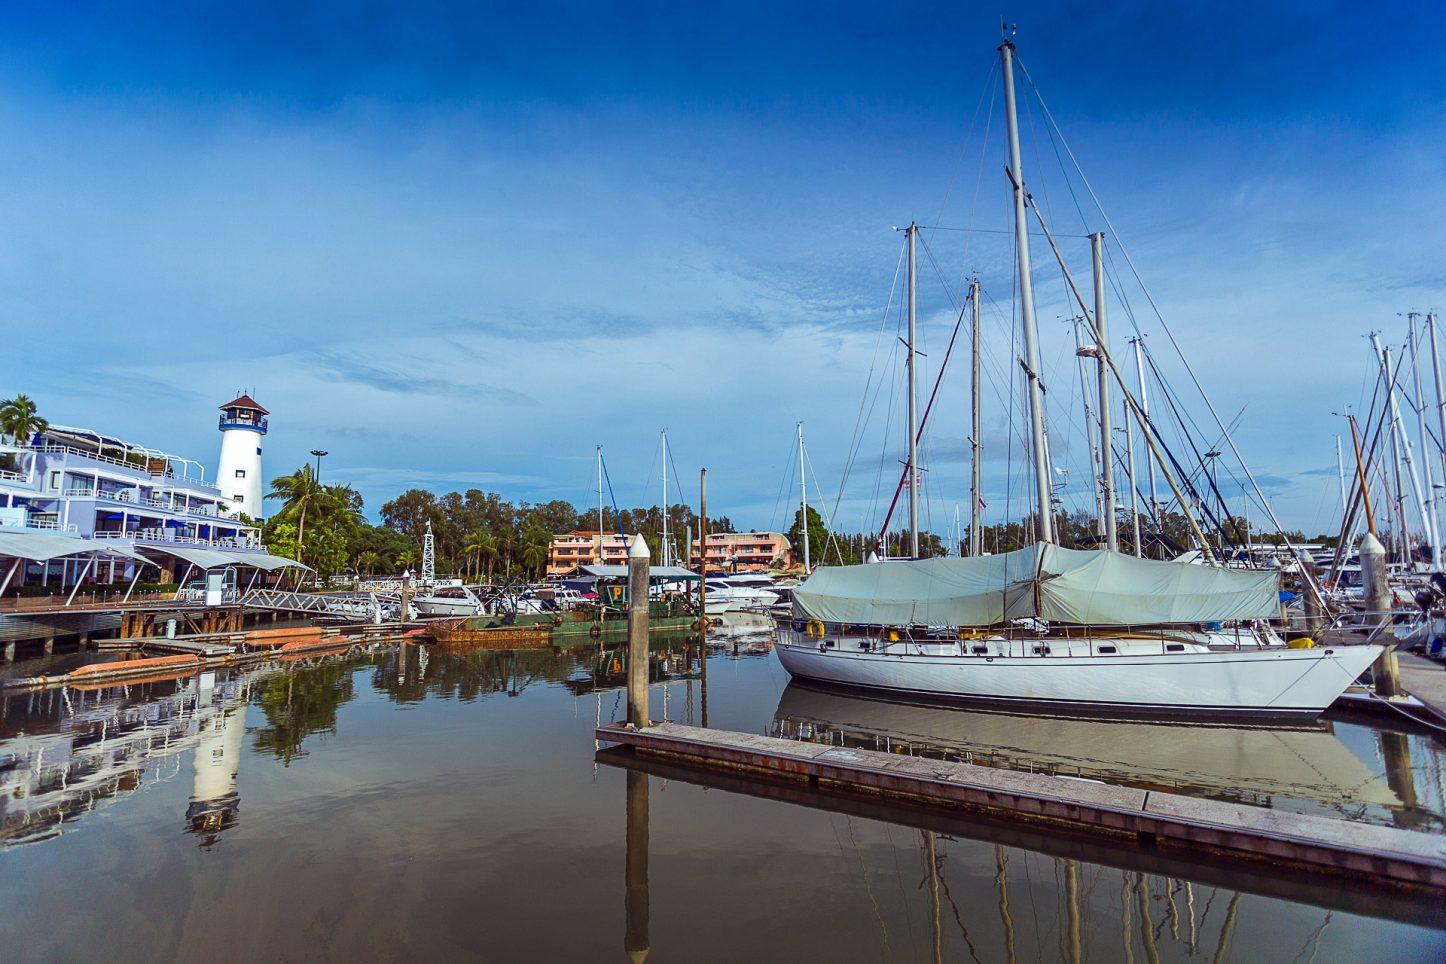 Phuket Boat Lagoon